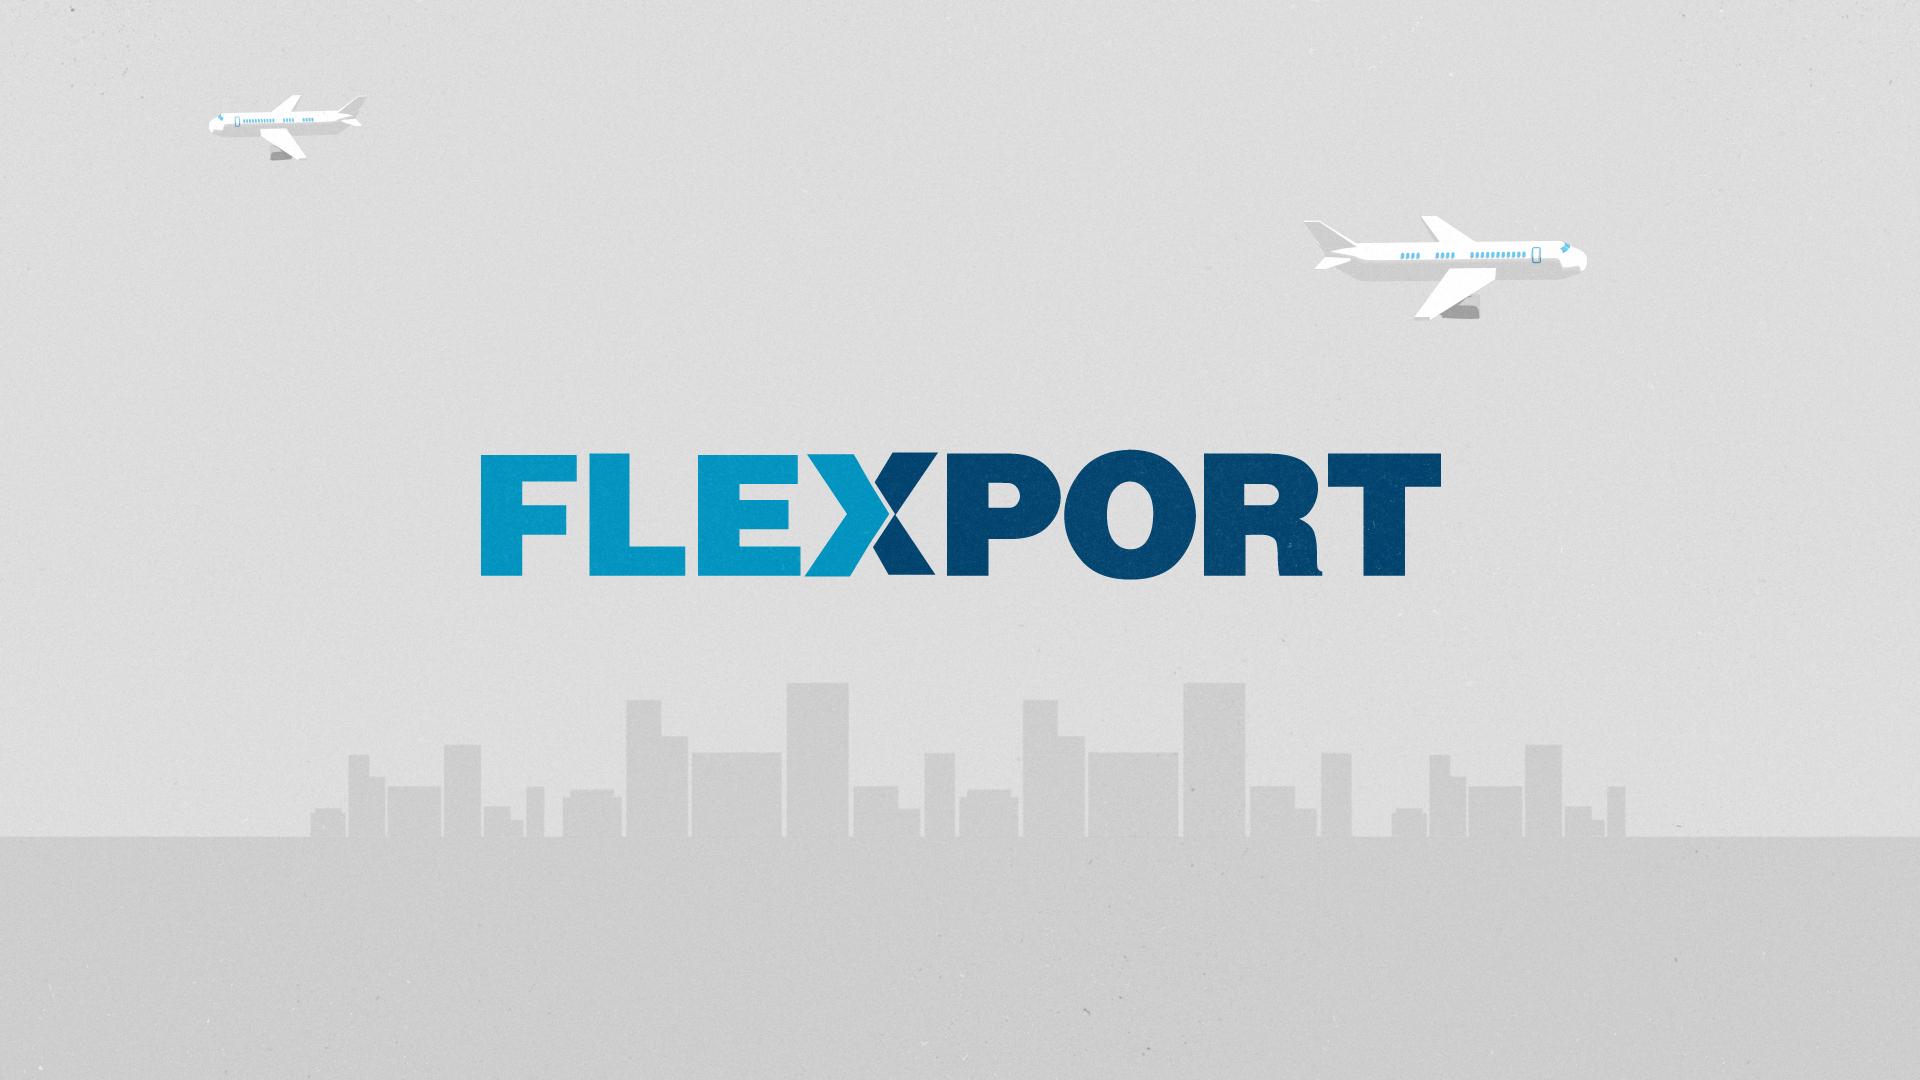 Flexport_12.jpg